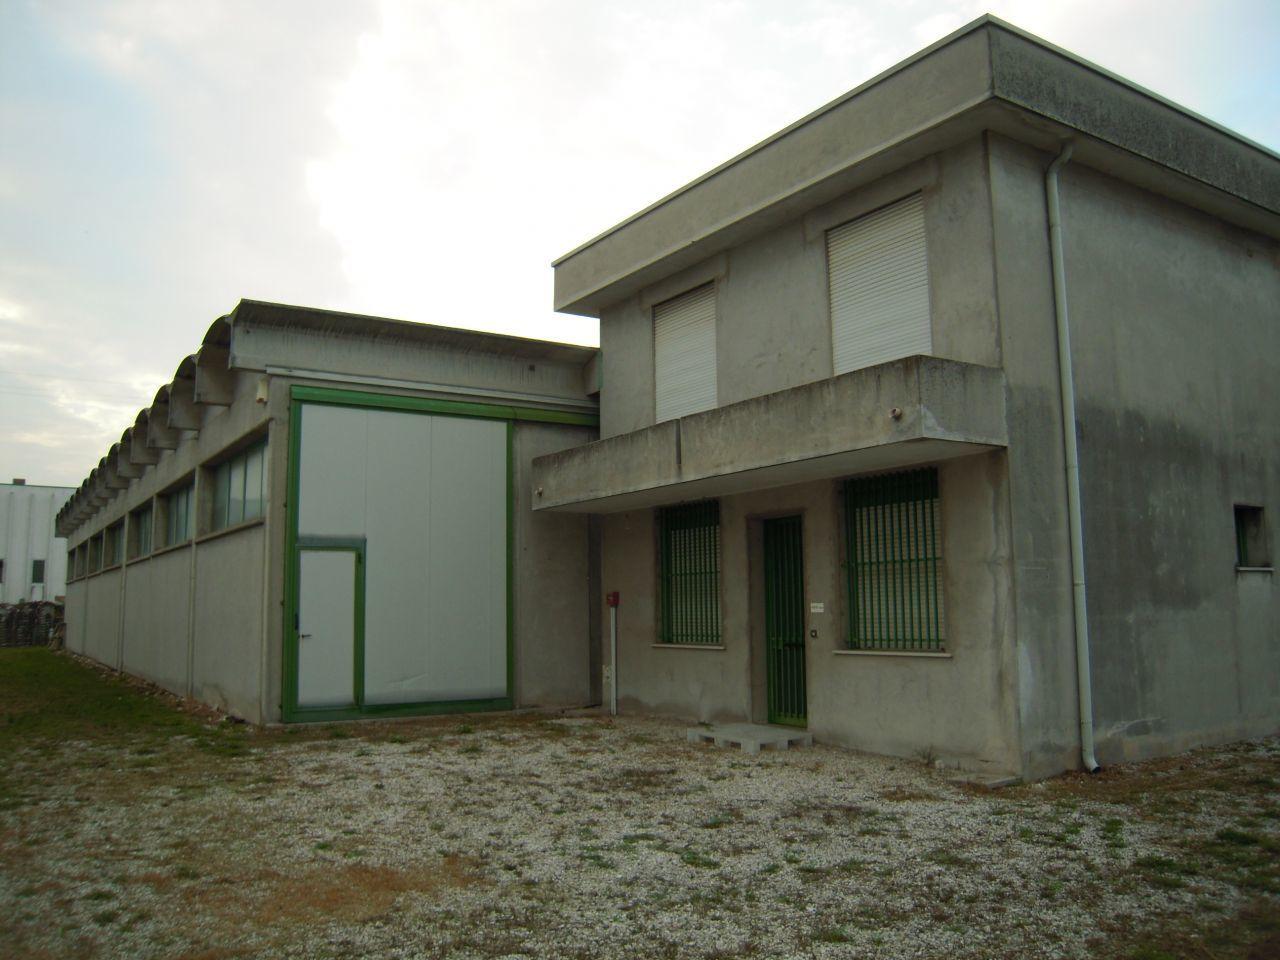 Capannone in vendita a Castelfranco Veneto, 3 locali, prezzo € 360.000 | CambioCasa.it